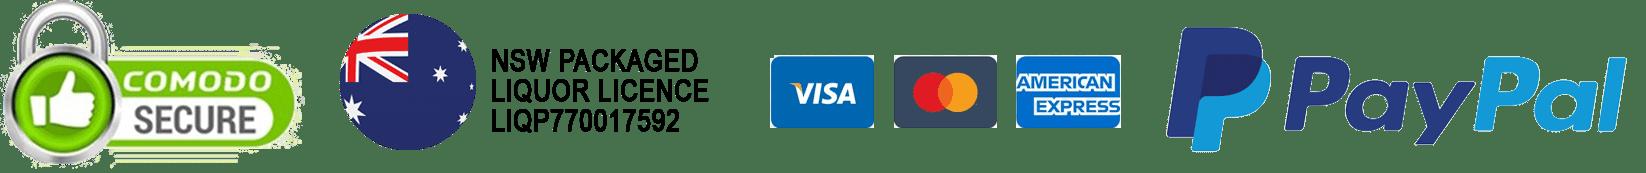 Australian Consumer Trust